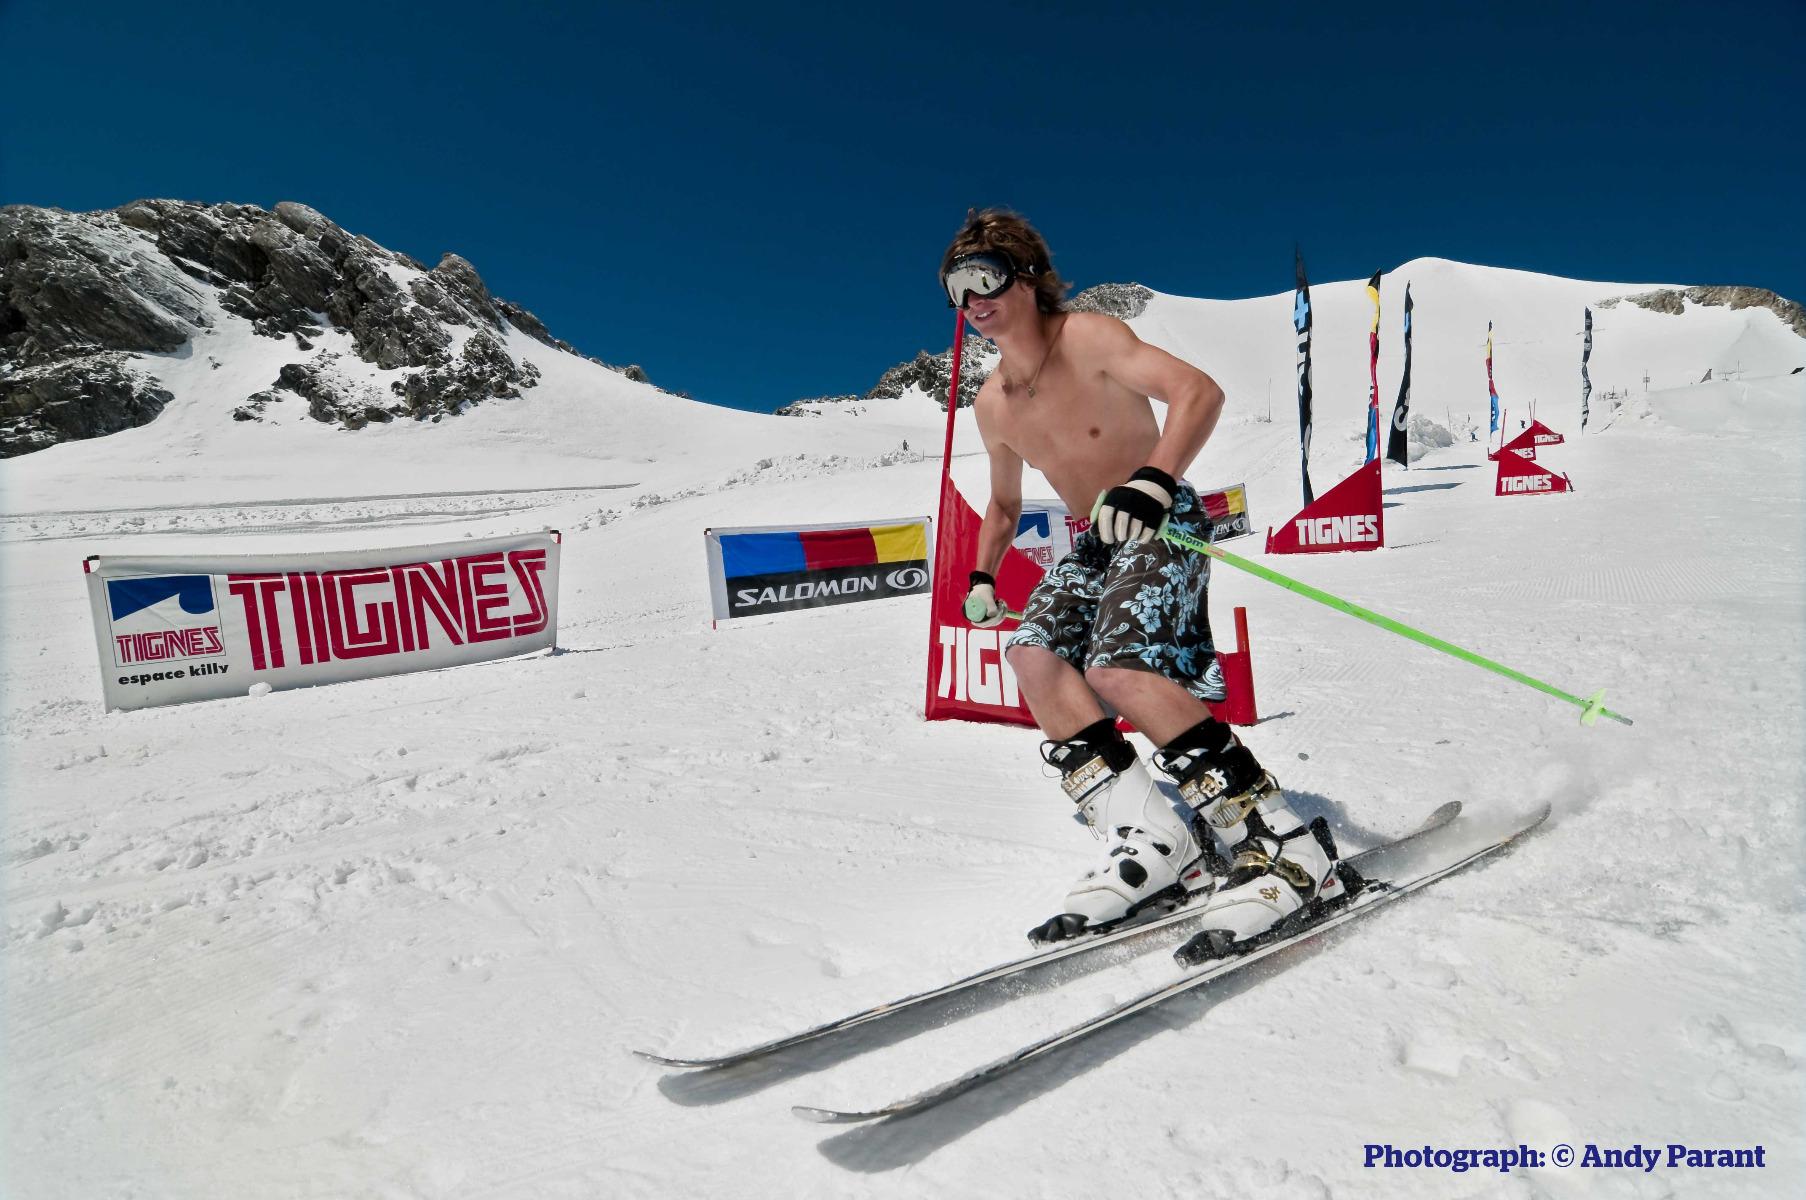 Letné lyžiarske stredisko na Grande Motte, Tignes, Francúzsko